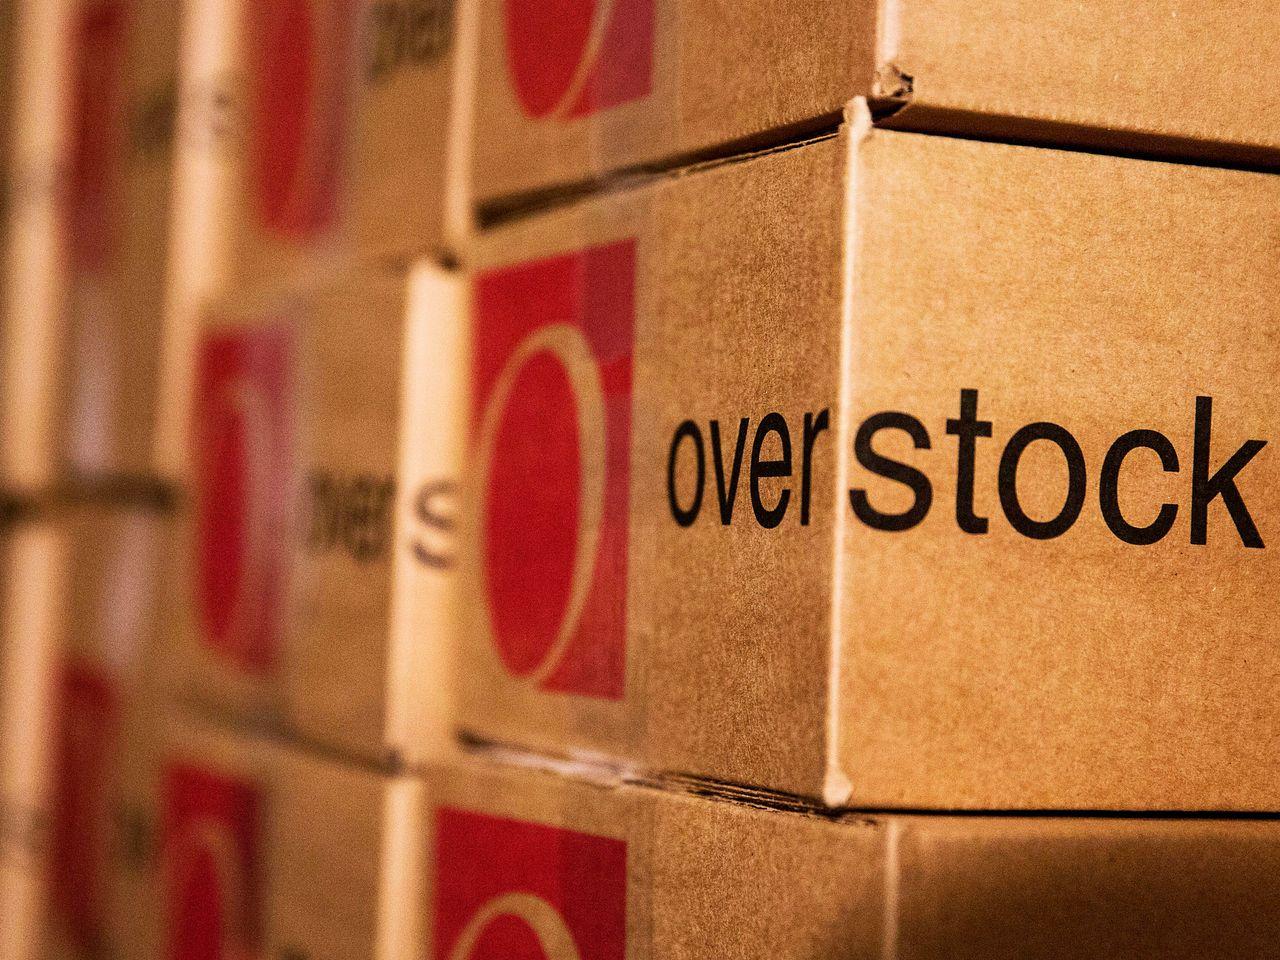 Imate preveč zaloge? Ste nabavili preveč pokrovčkov, plastenk, dozatorjev? Kontaktirajte nas - pomagali vam bomo prodati!